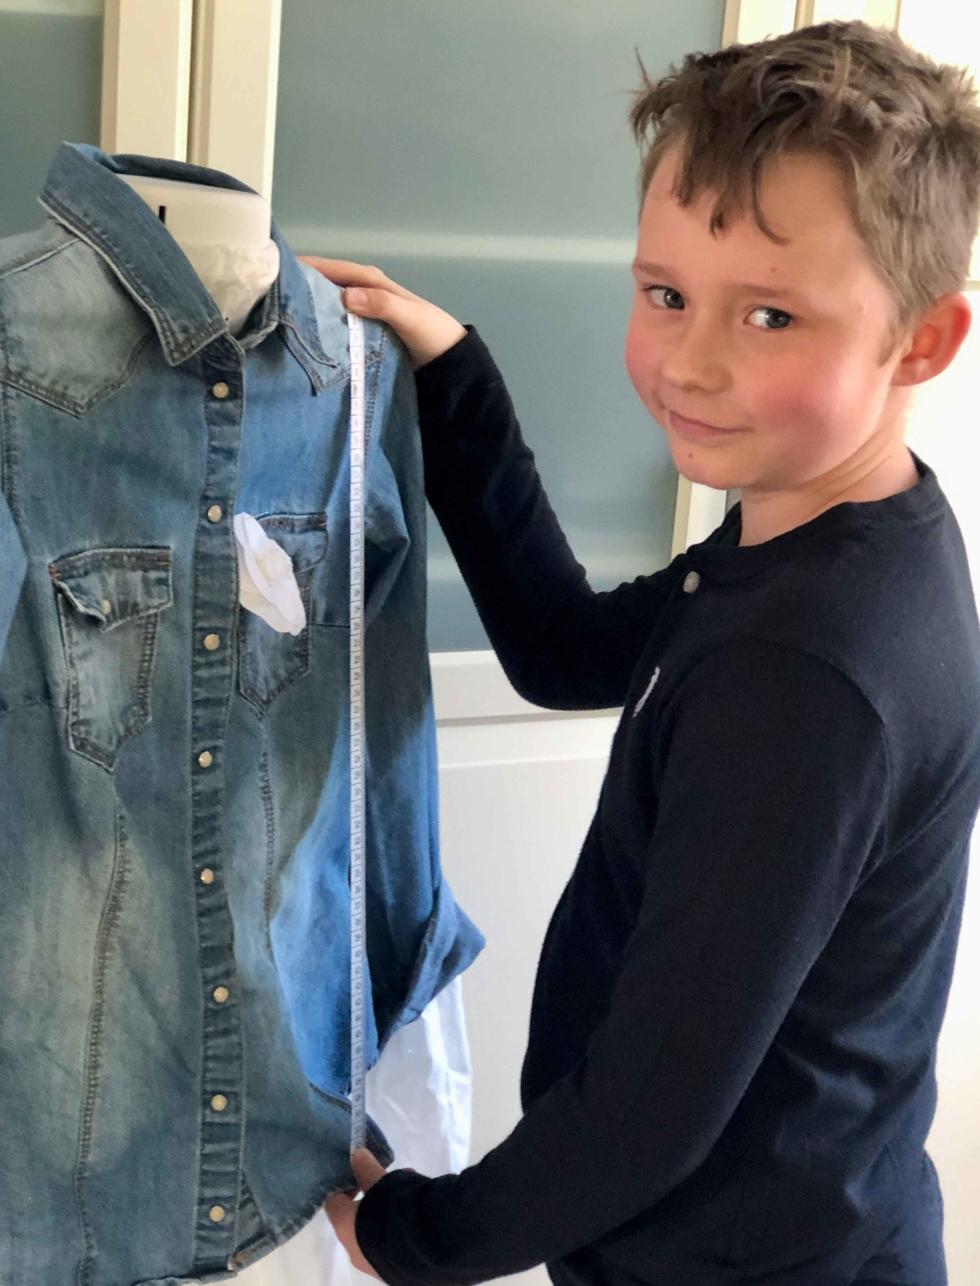 Junge mit Maßband an einem Jeanshemd